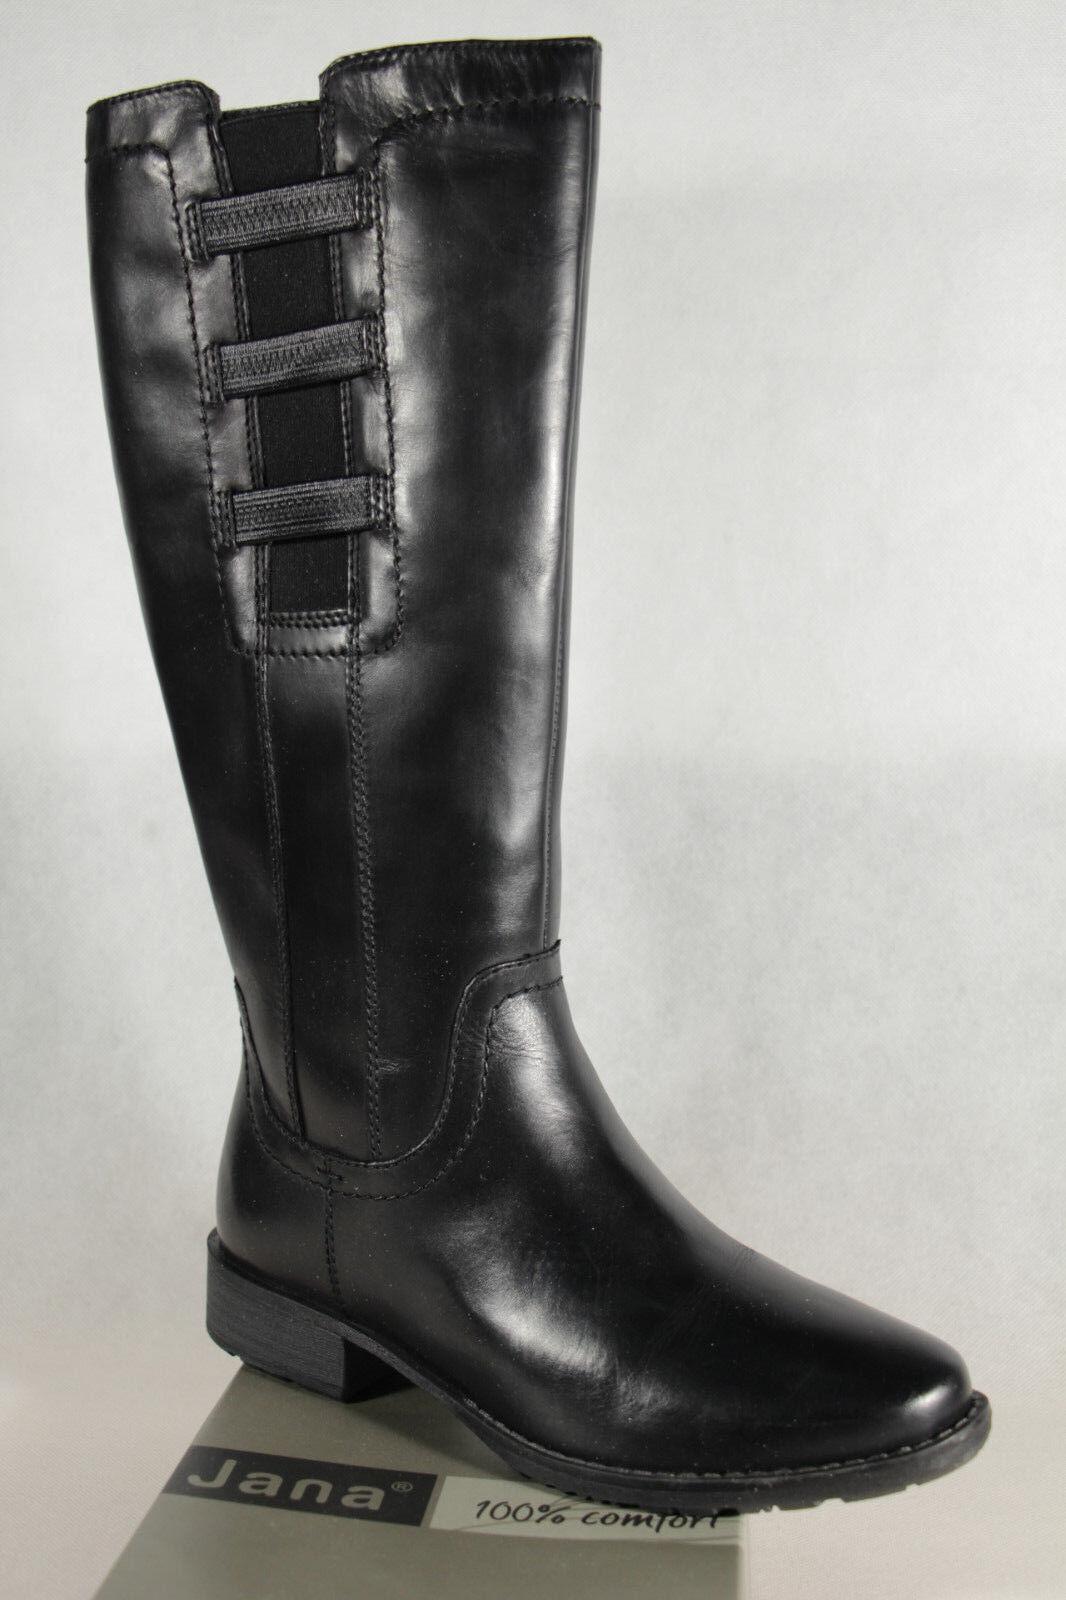 Zapatos de mujer baratos zapatos de mujer Jana botas botas bota botas Jana botín botas de invierno negro 25601 nuevo 433dfe